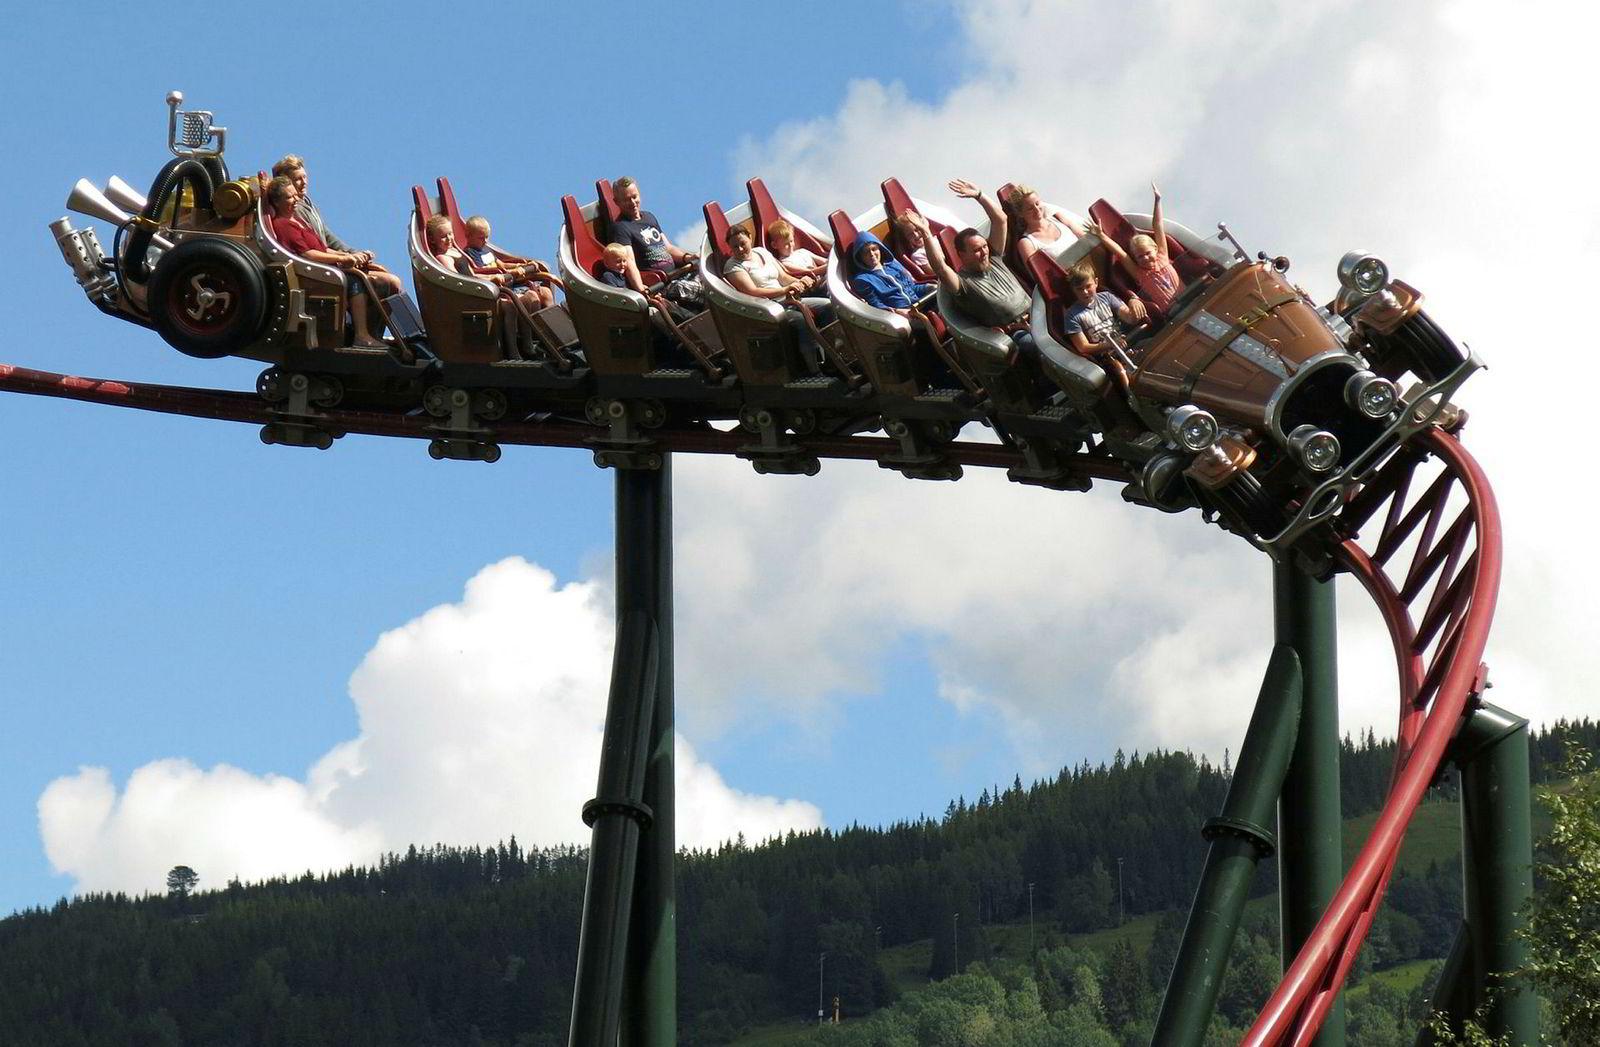 Striden sto om hvorvidt berg-og-dalbanen Il Tempo Extra Gigante er modellert etter Kjell Aukrusts originaltegninger av bilen eller Ivo Caprinos filmversjon av Il Tempo Gigante.